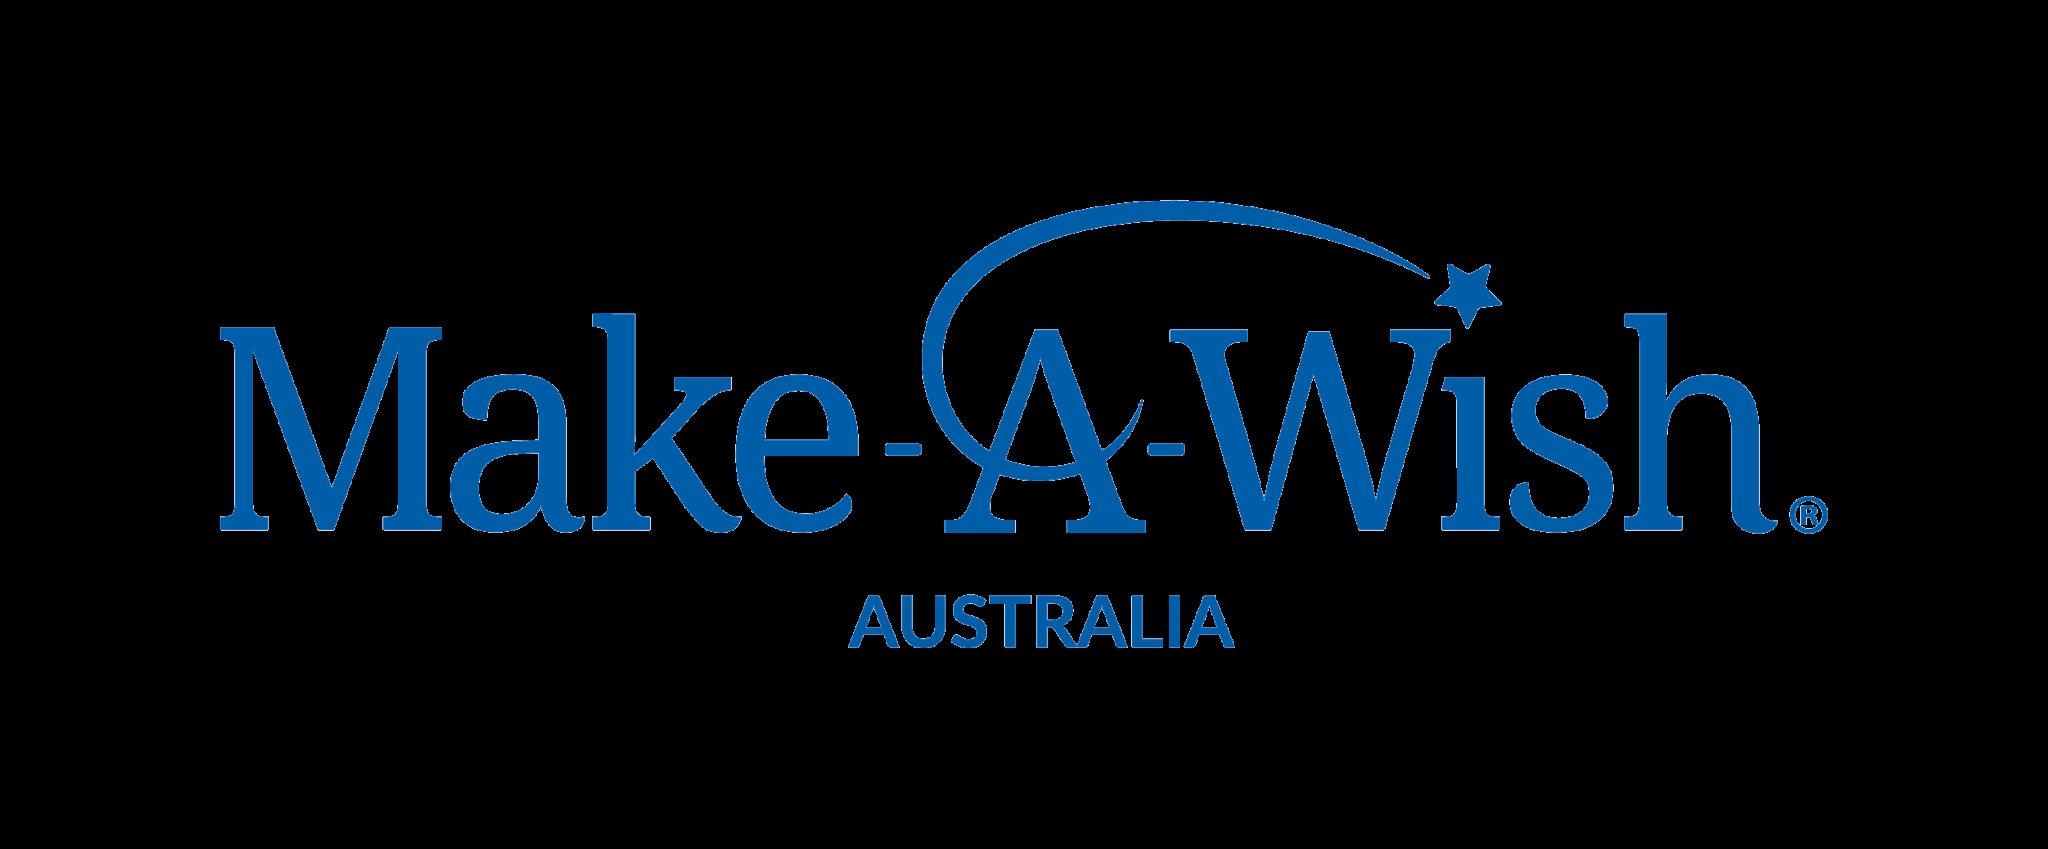 Make-A-Wish Australia Logo